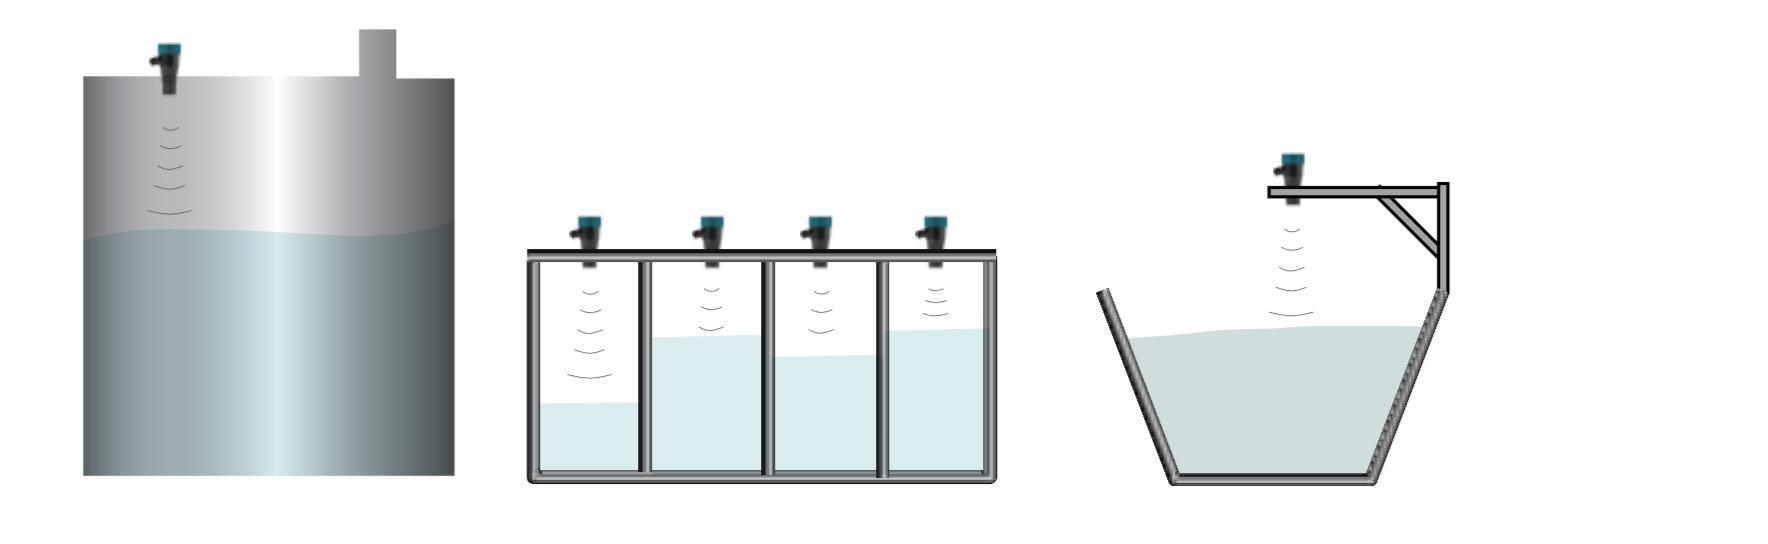 Lắp đặt cảm biến đo mức nước